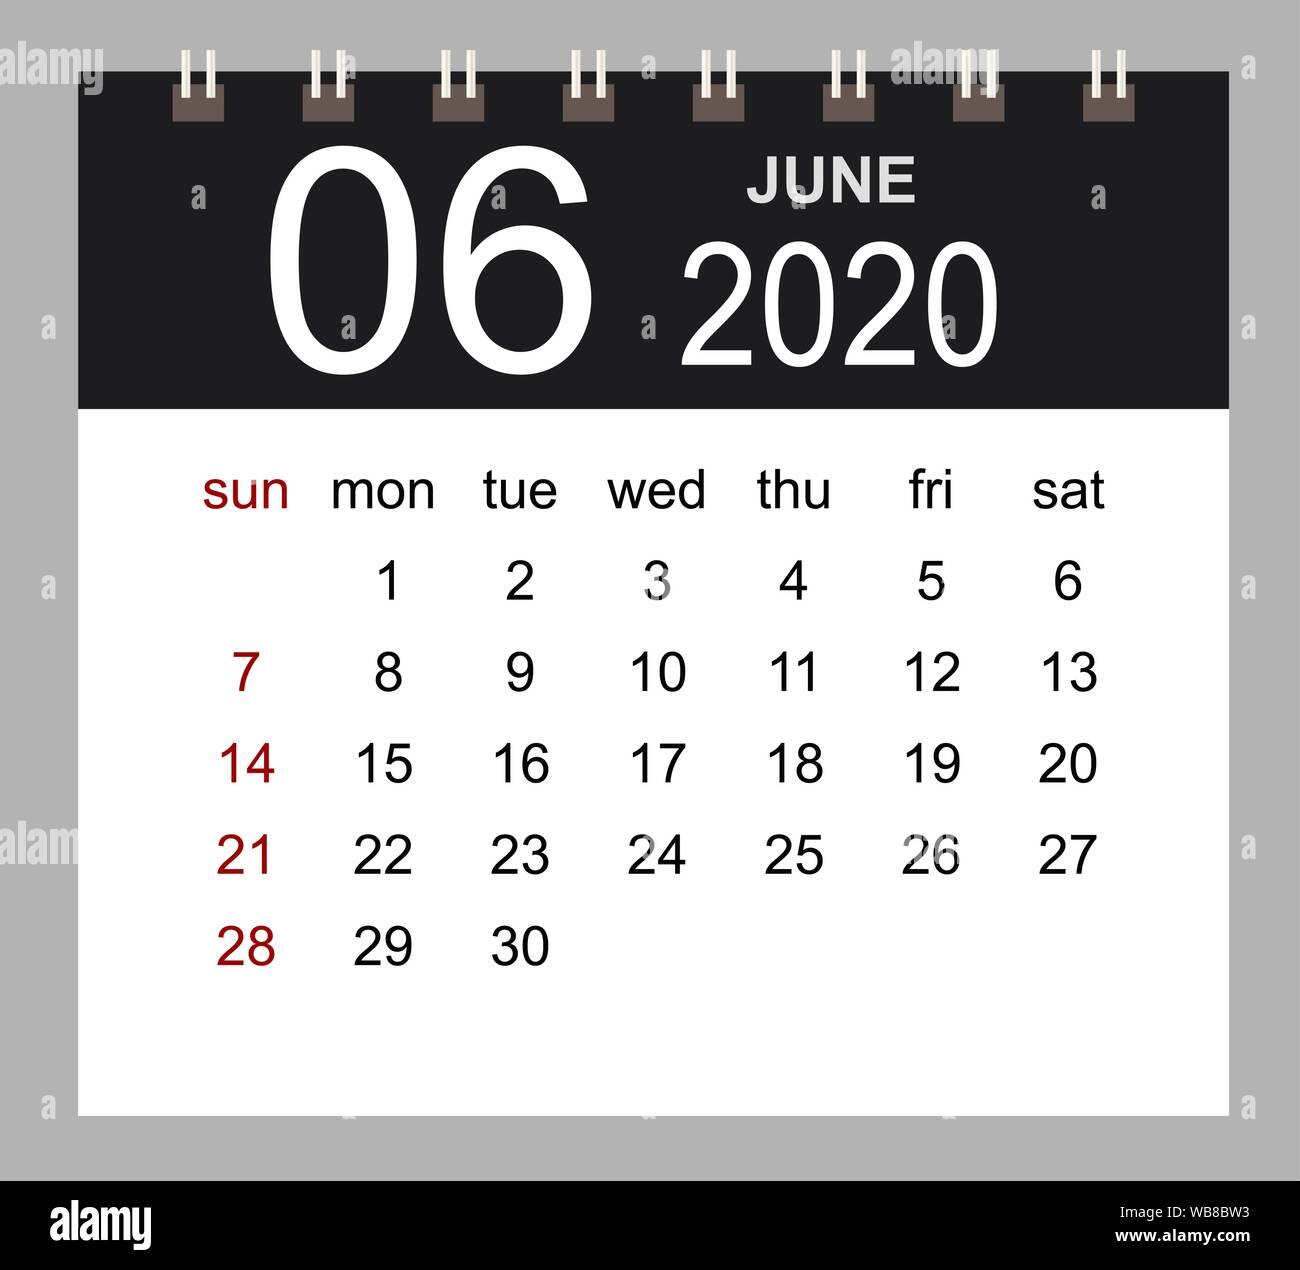 Calendrier Juin 2020.Calendrier 2020 D Affaires De Juin Page Isolee De L